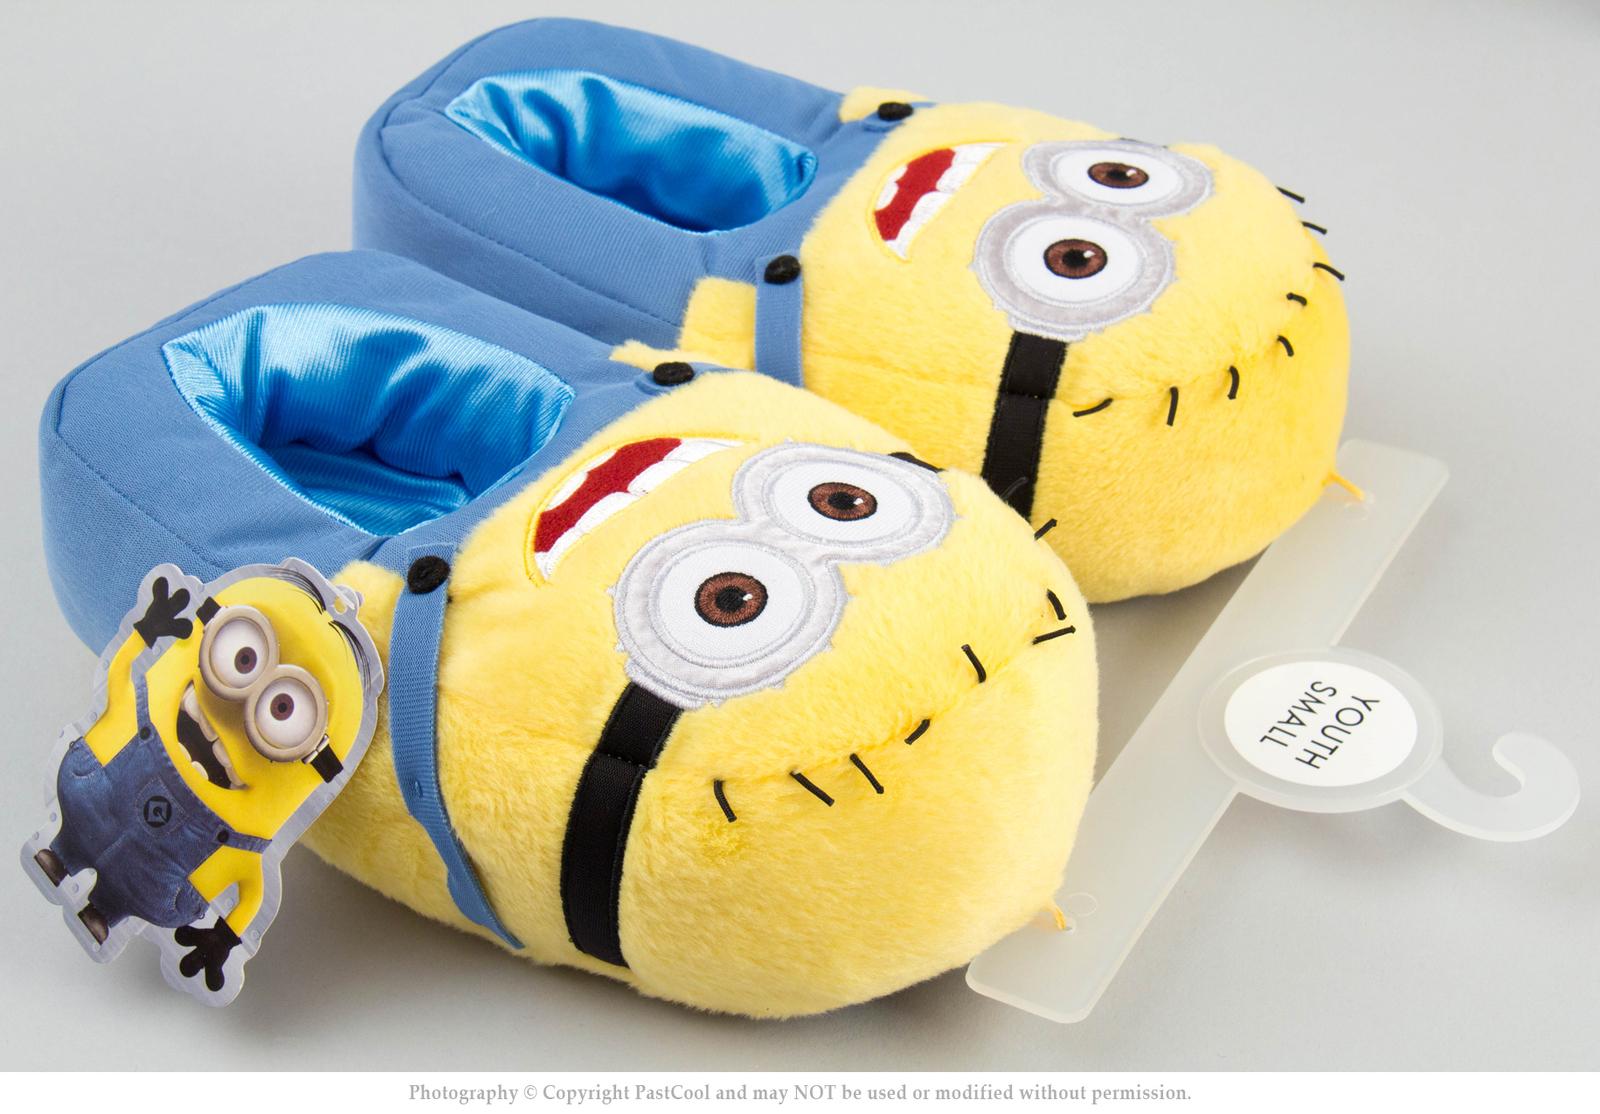 me minion plush bedroom slippers minion mayhem kids new slippers